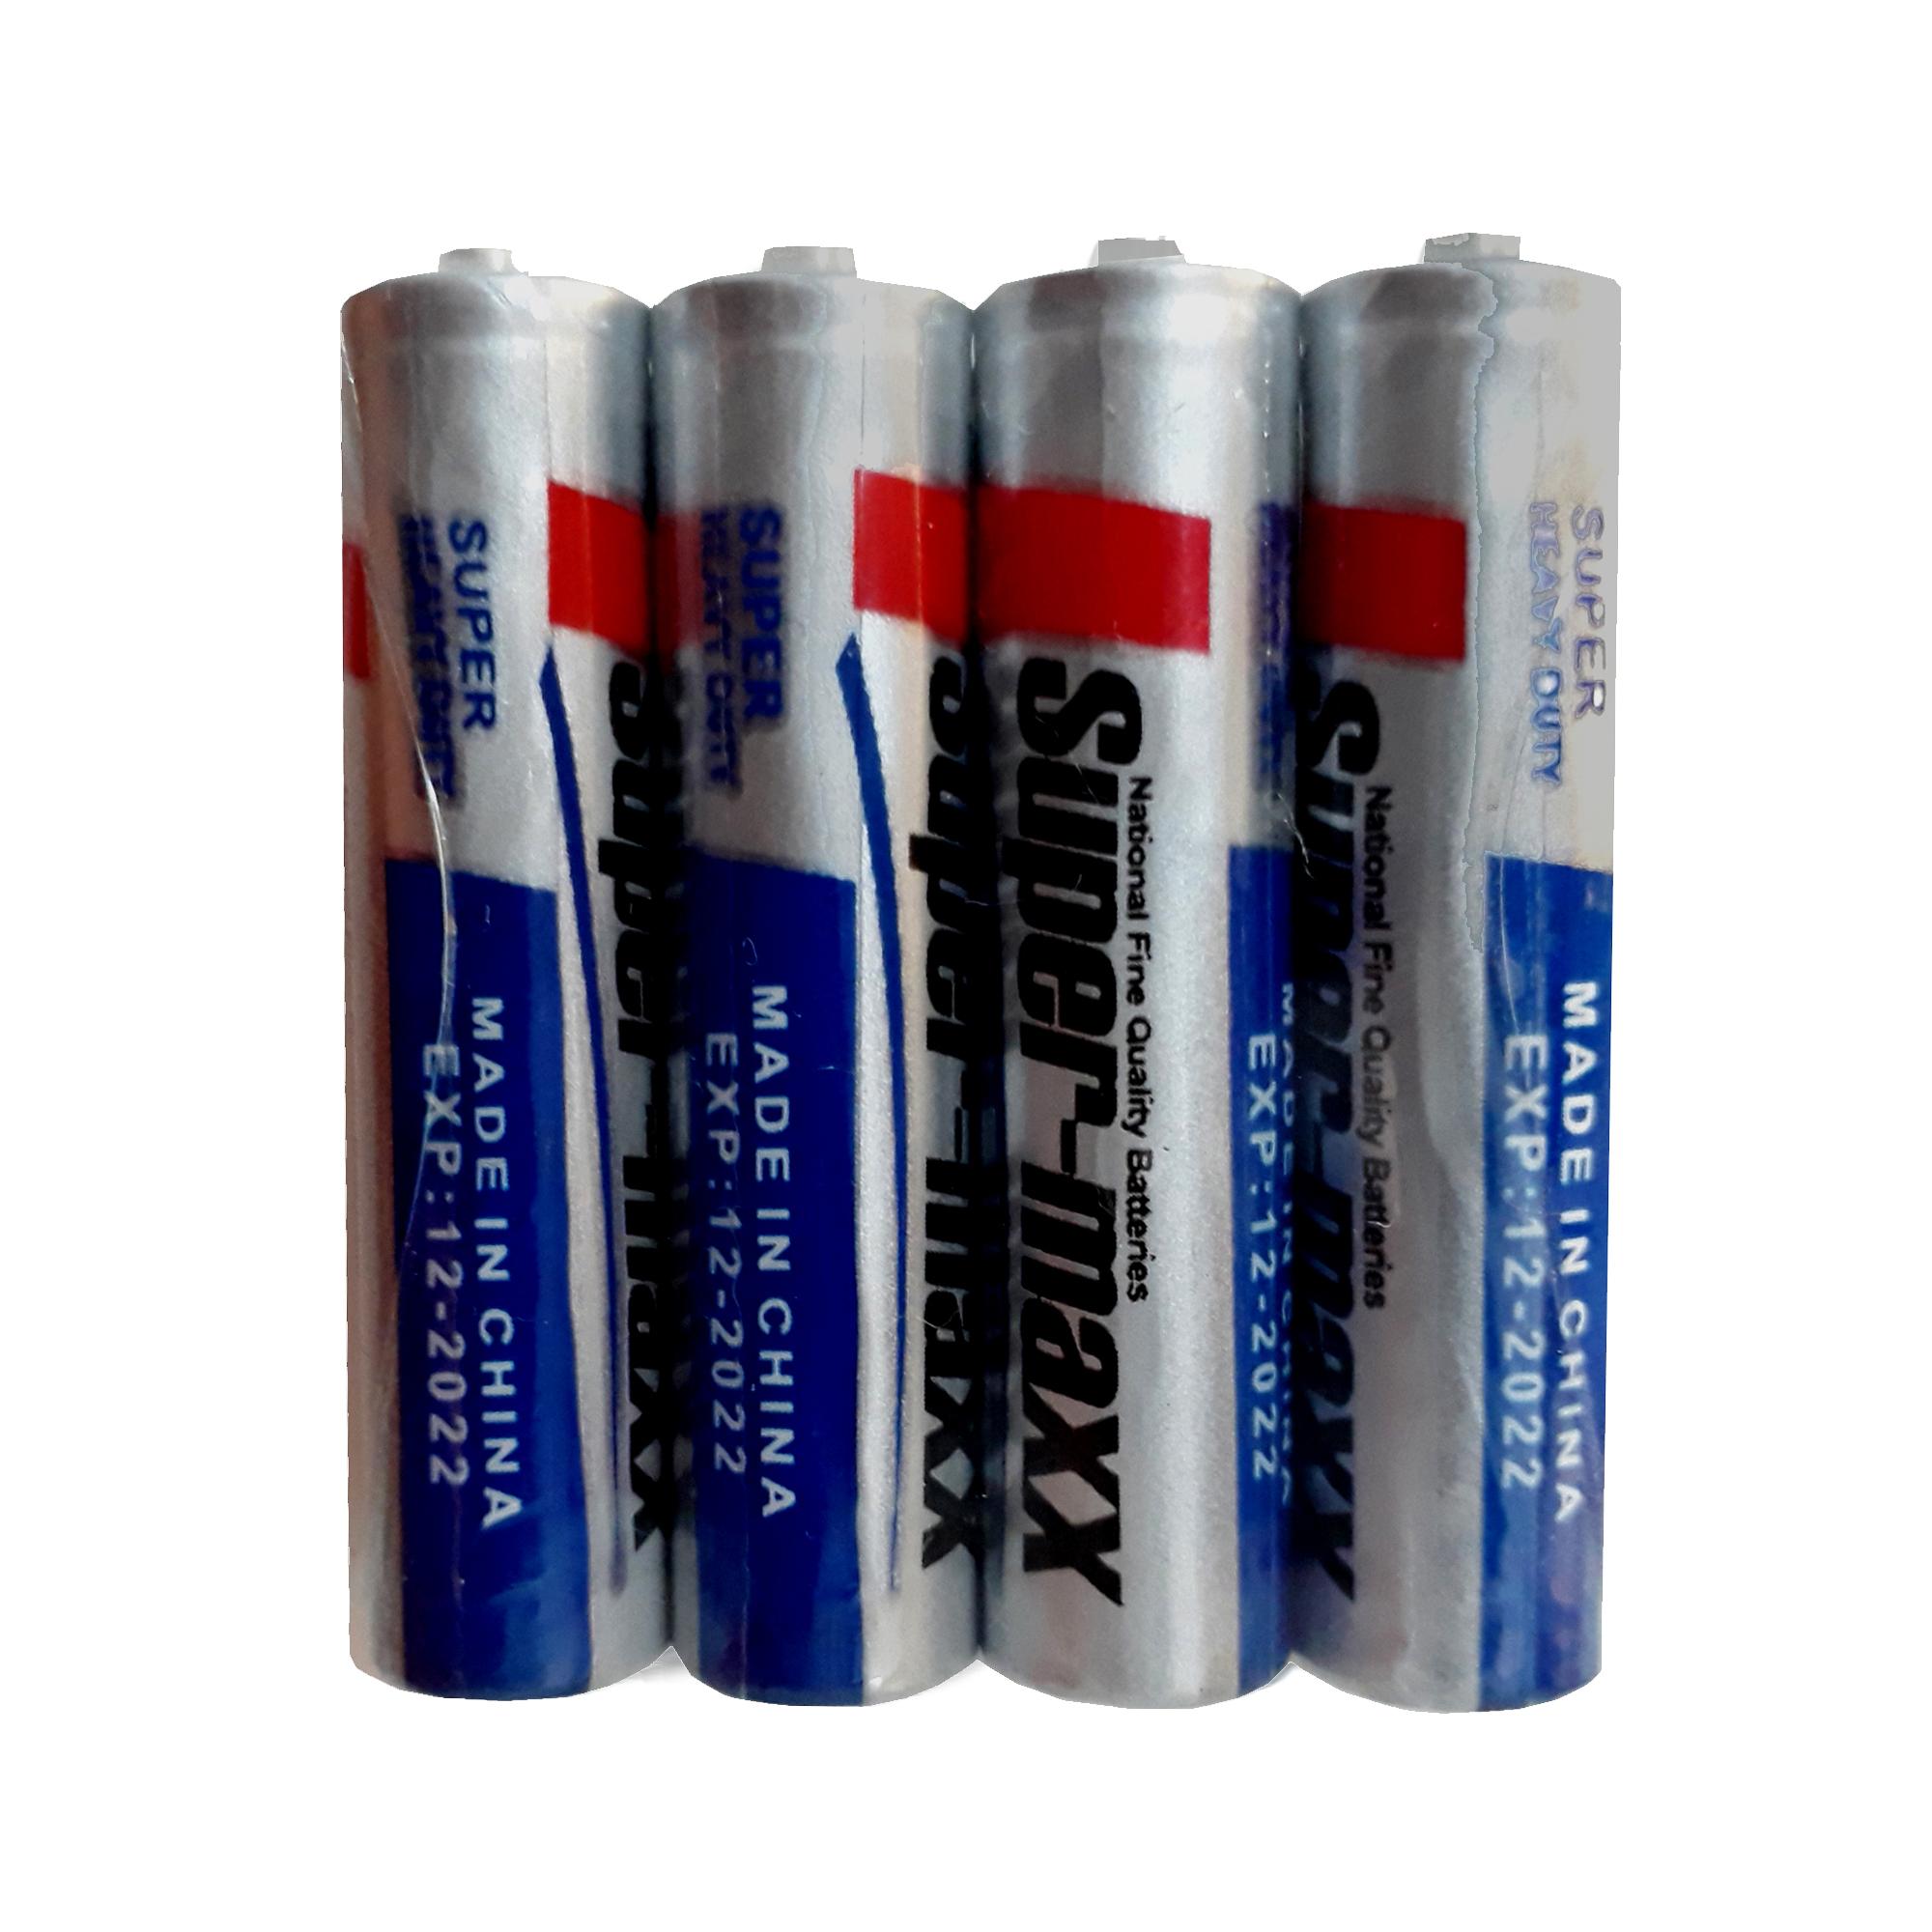 باتری نیم قلمی سوپر مکس کد 200 بسته ۴ عددی